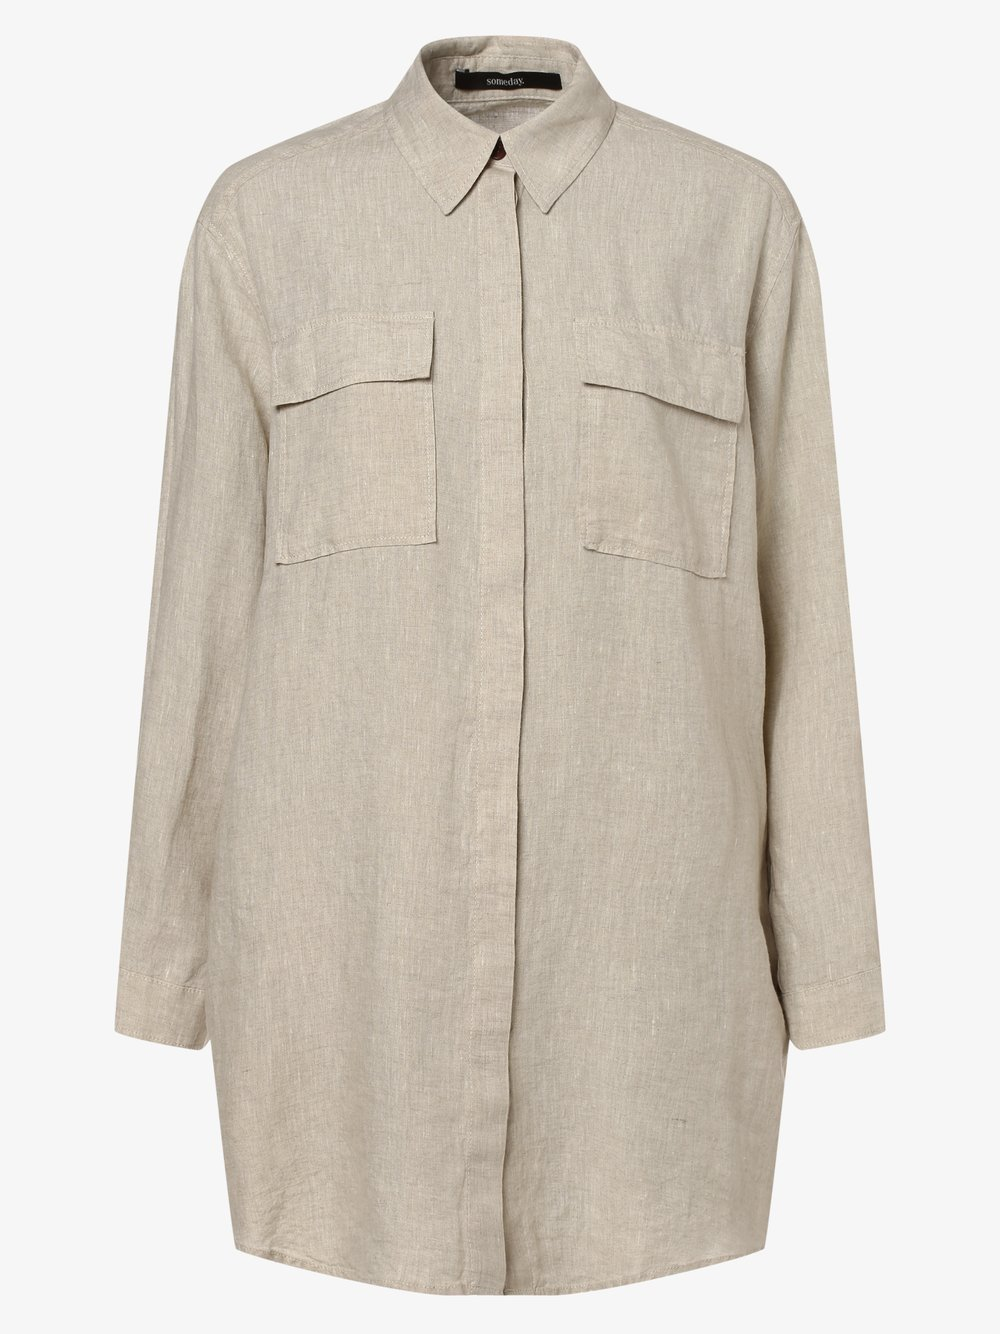 Someday - Damska bluzka lniana – Neline, beżowy